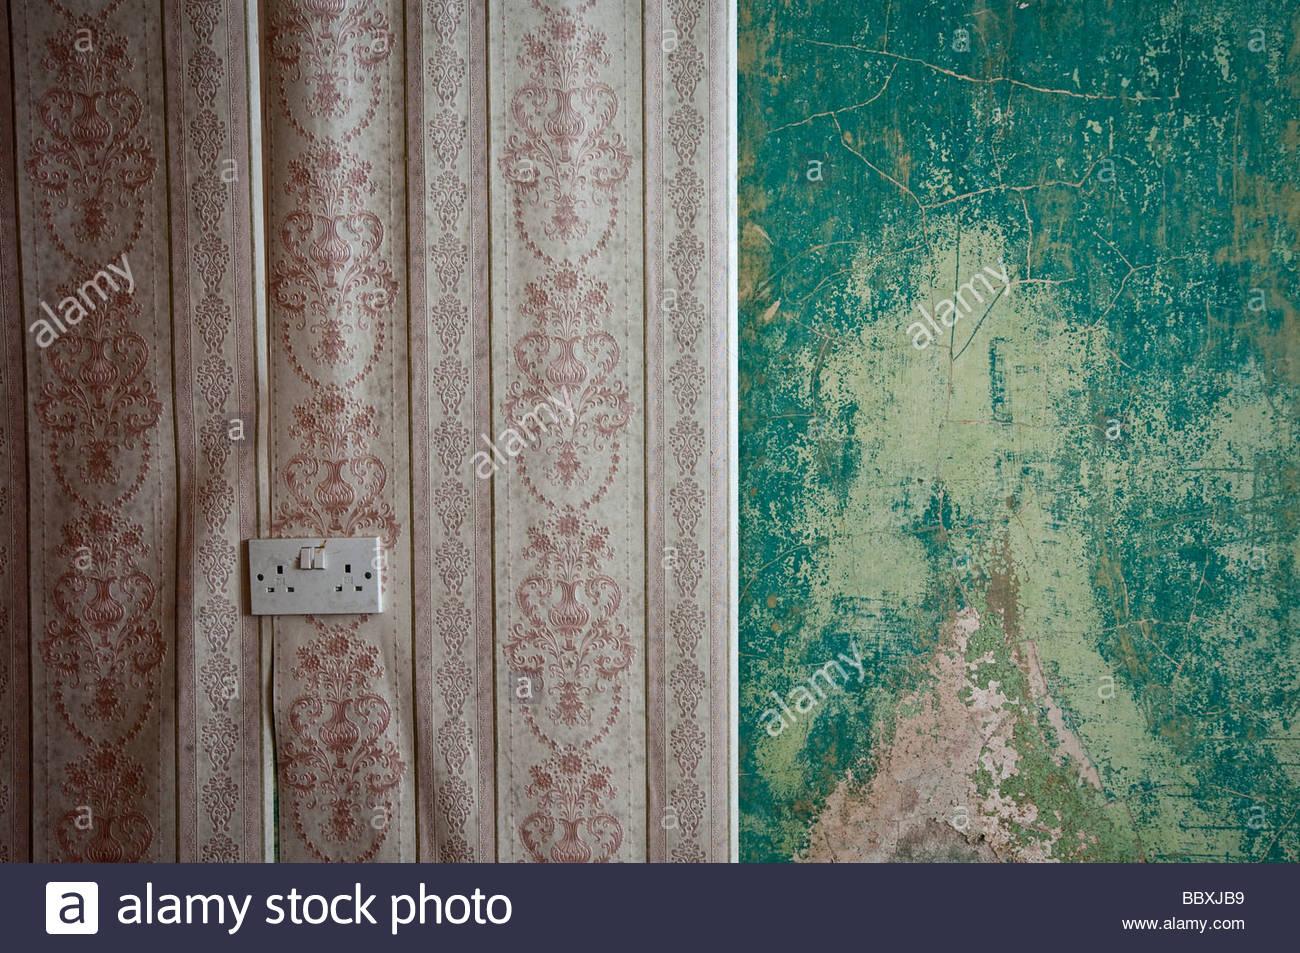 Tapete Abziehen Ein Altes, Verlassenes Haus Stockbild